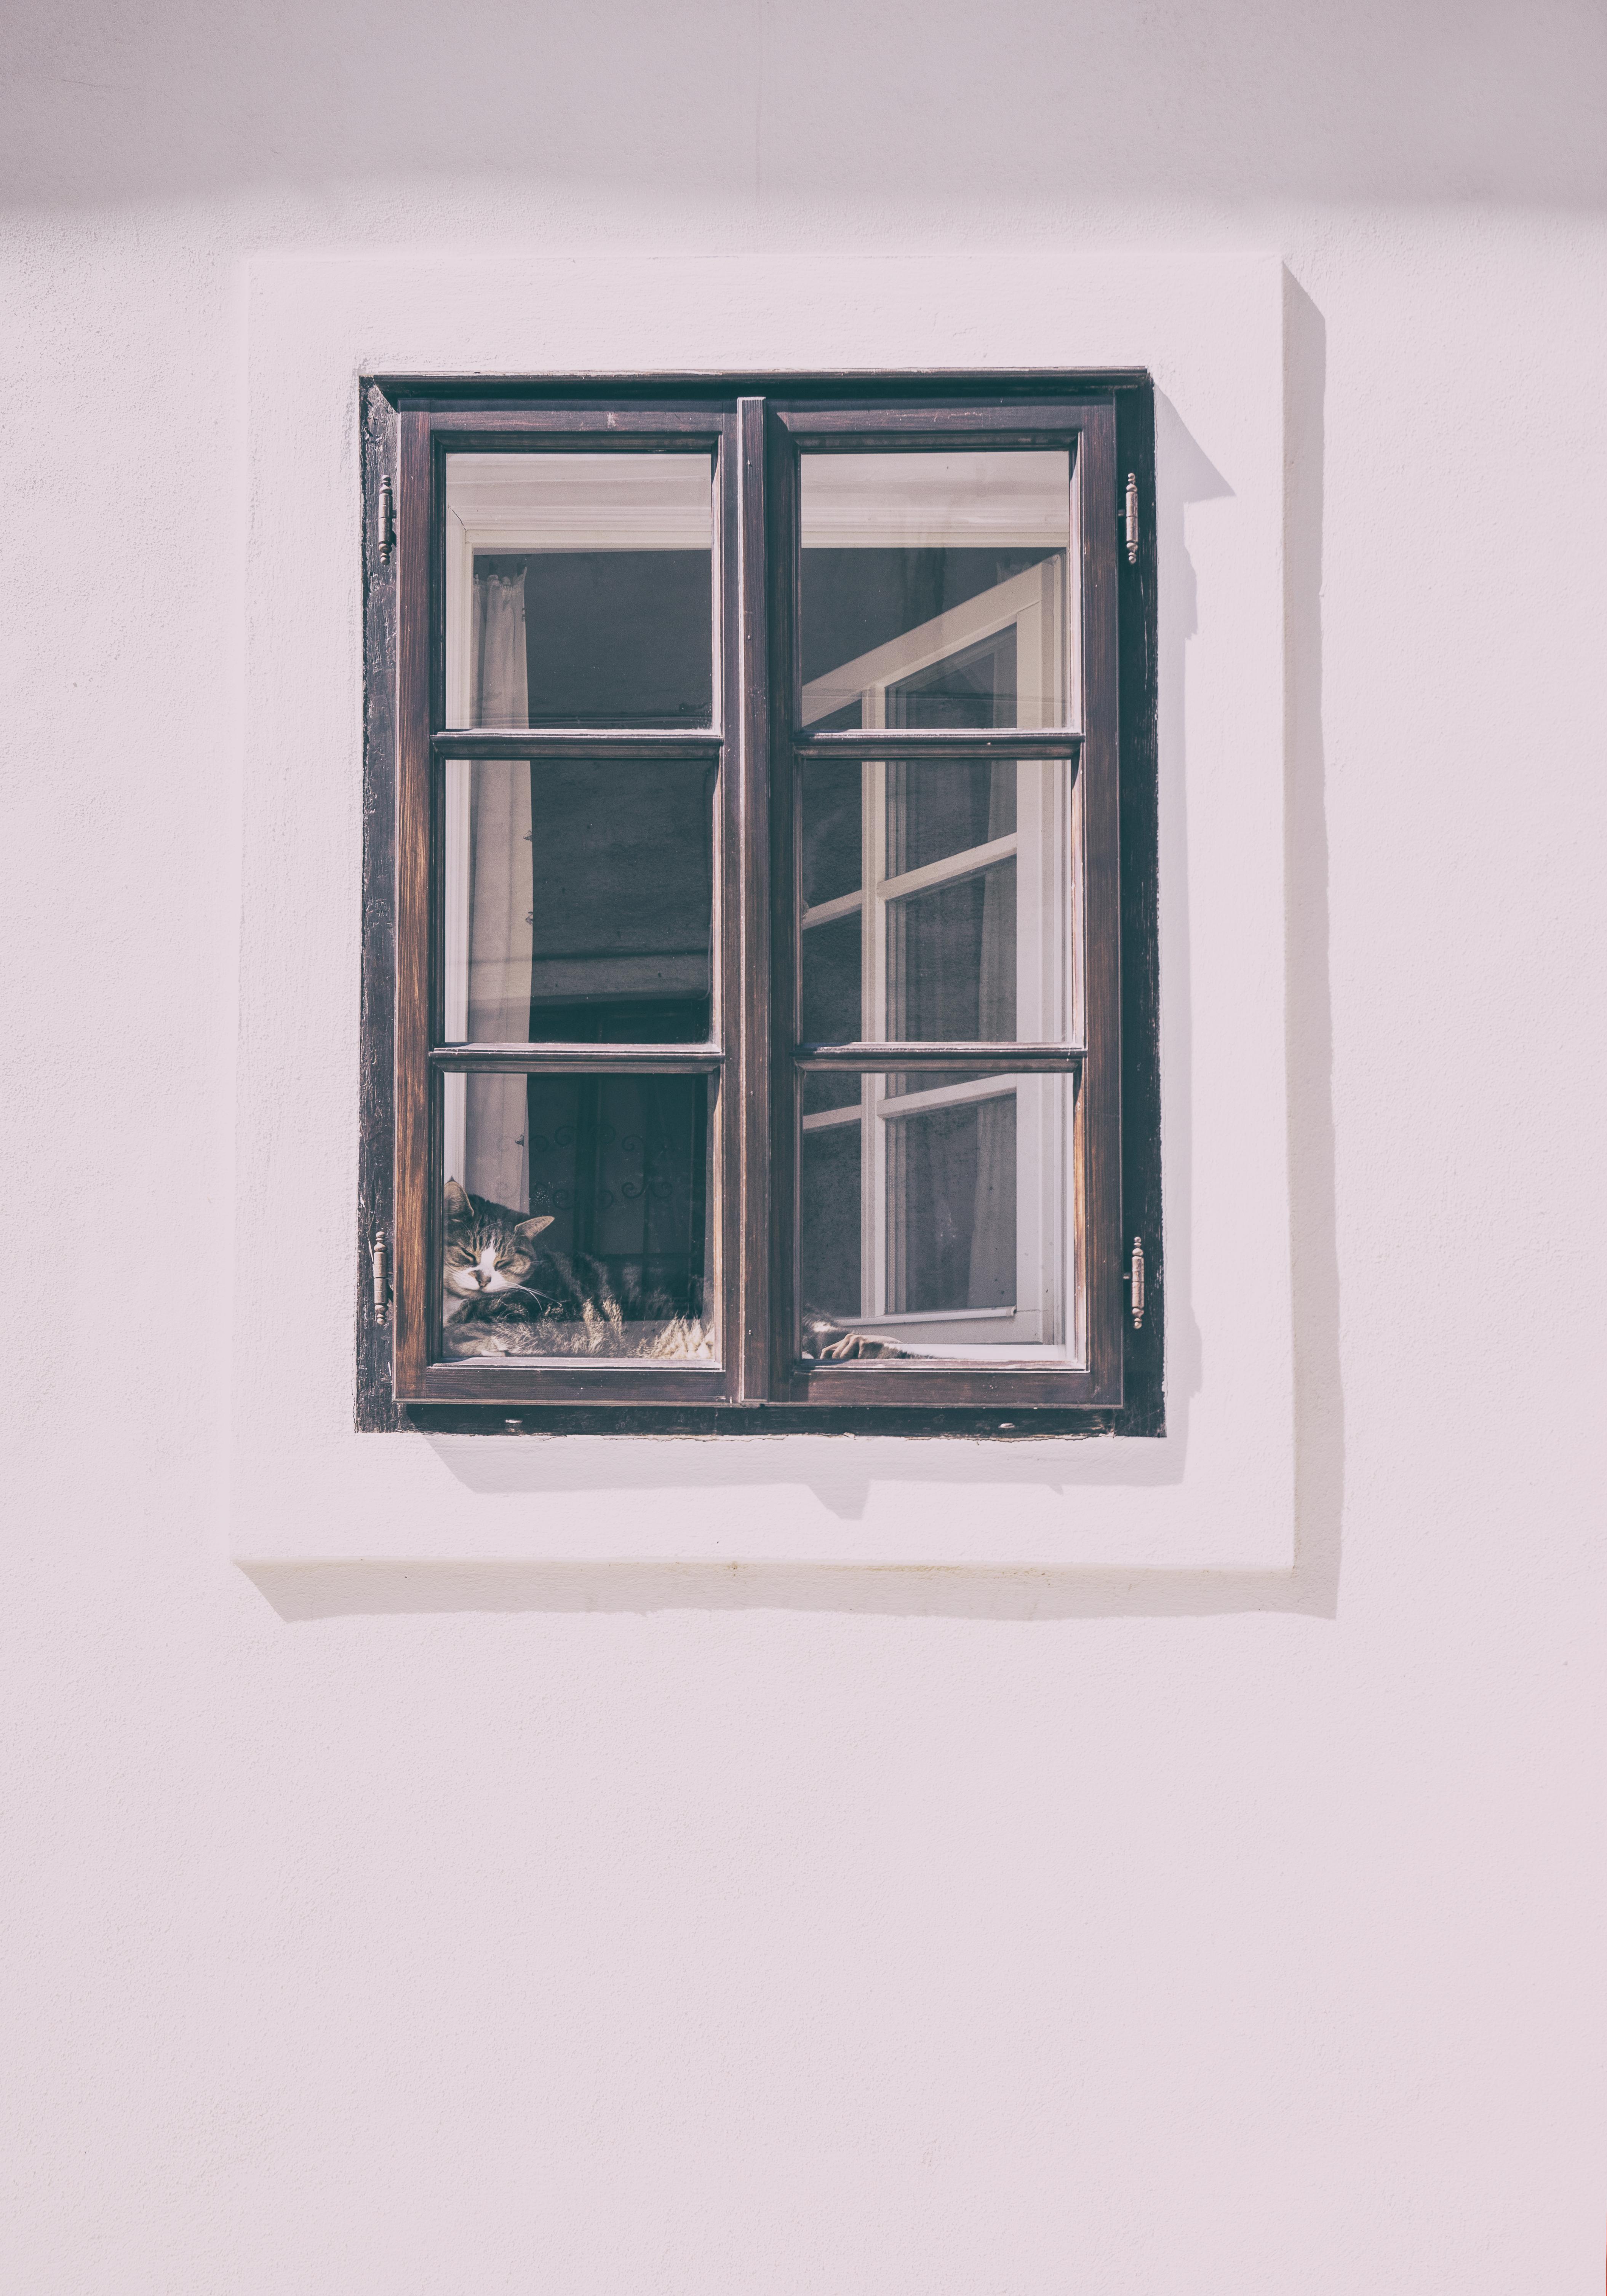 Fotos gratis : vaso, pared, gato, habitación, diseño de interiores ...